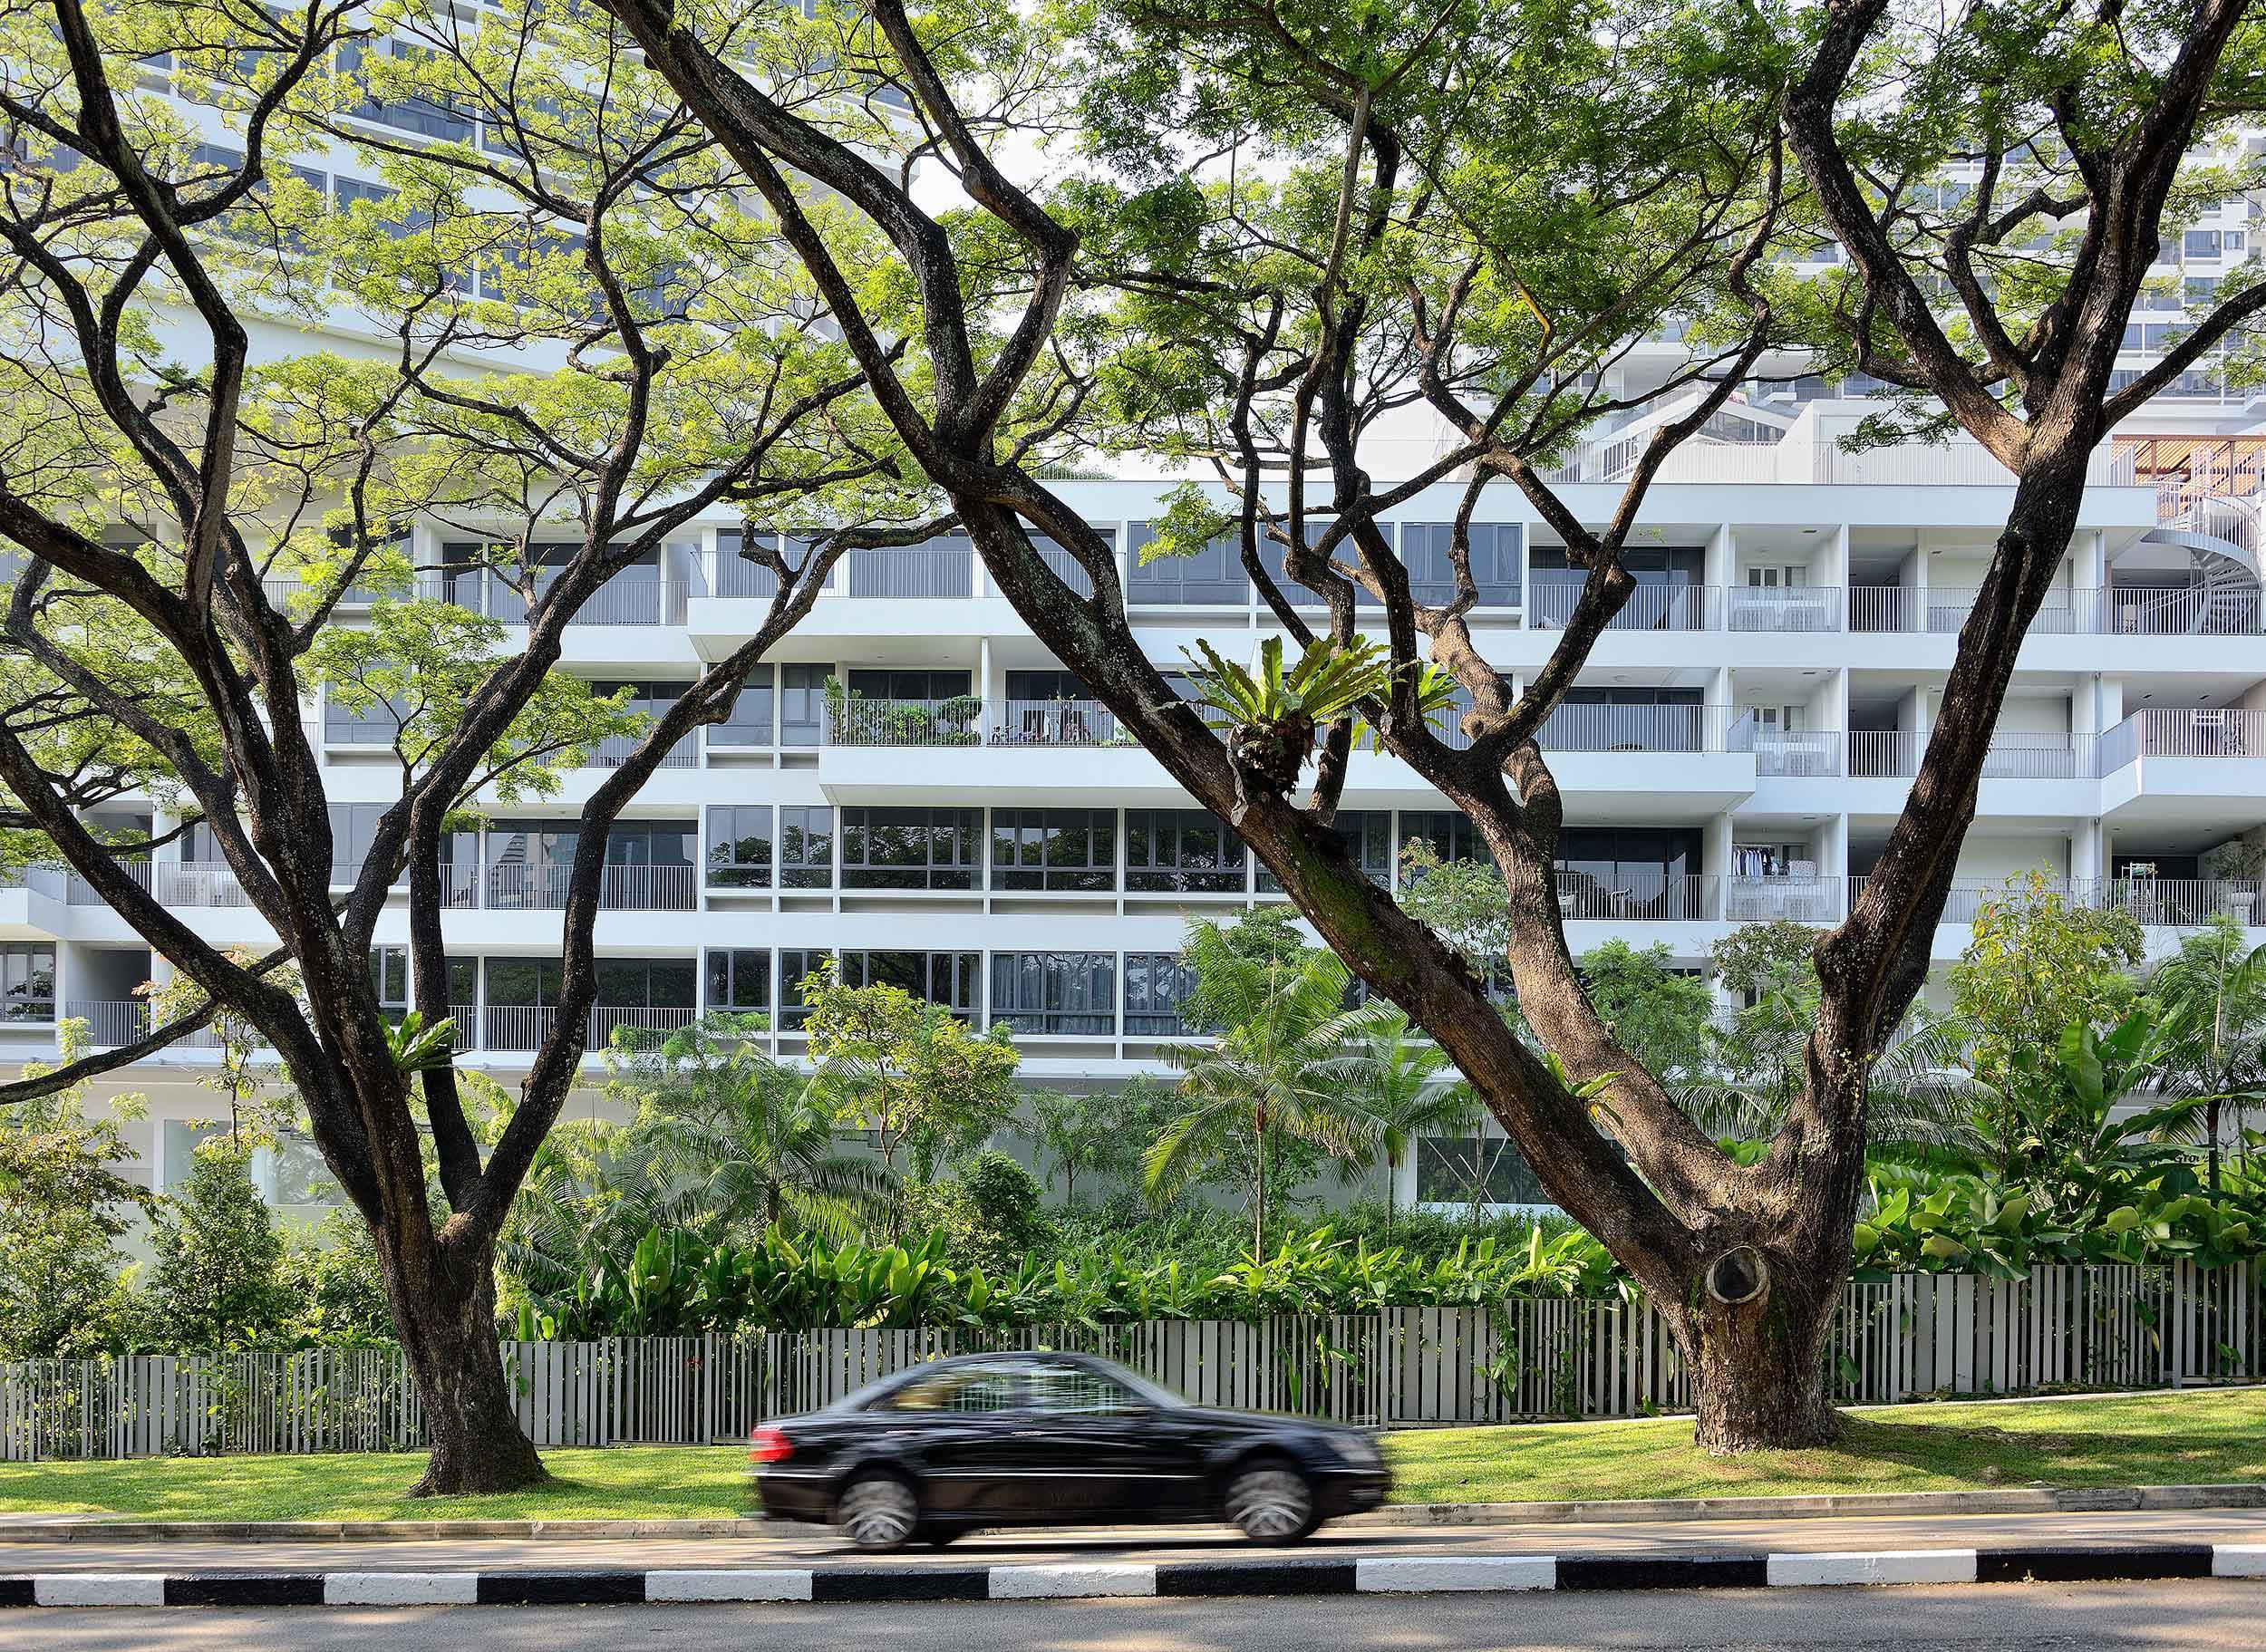 Interlace, Singapore - Ole Scheeren